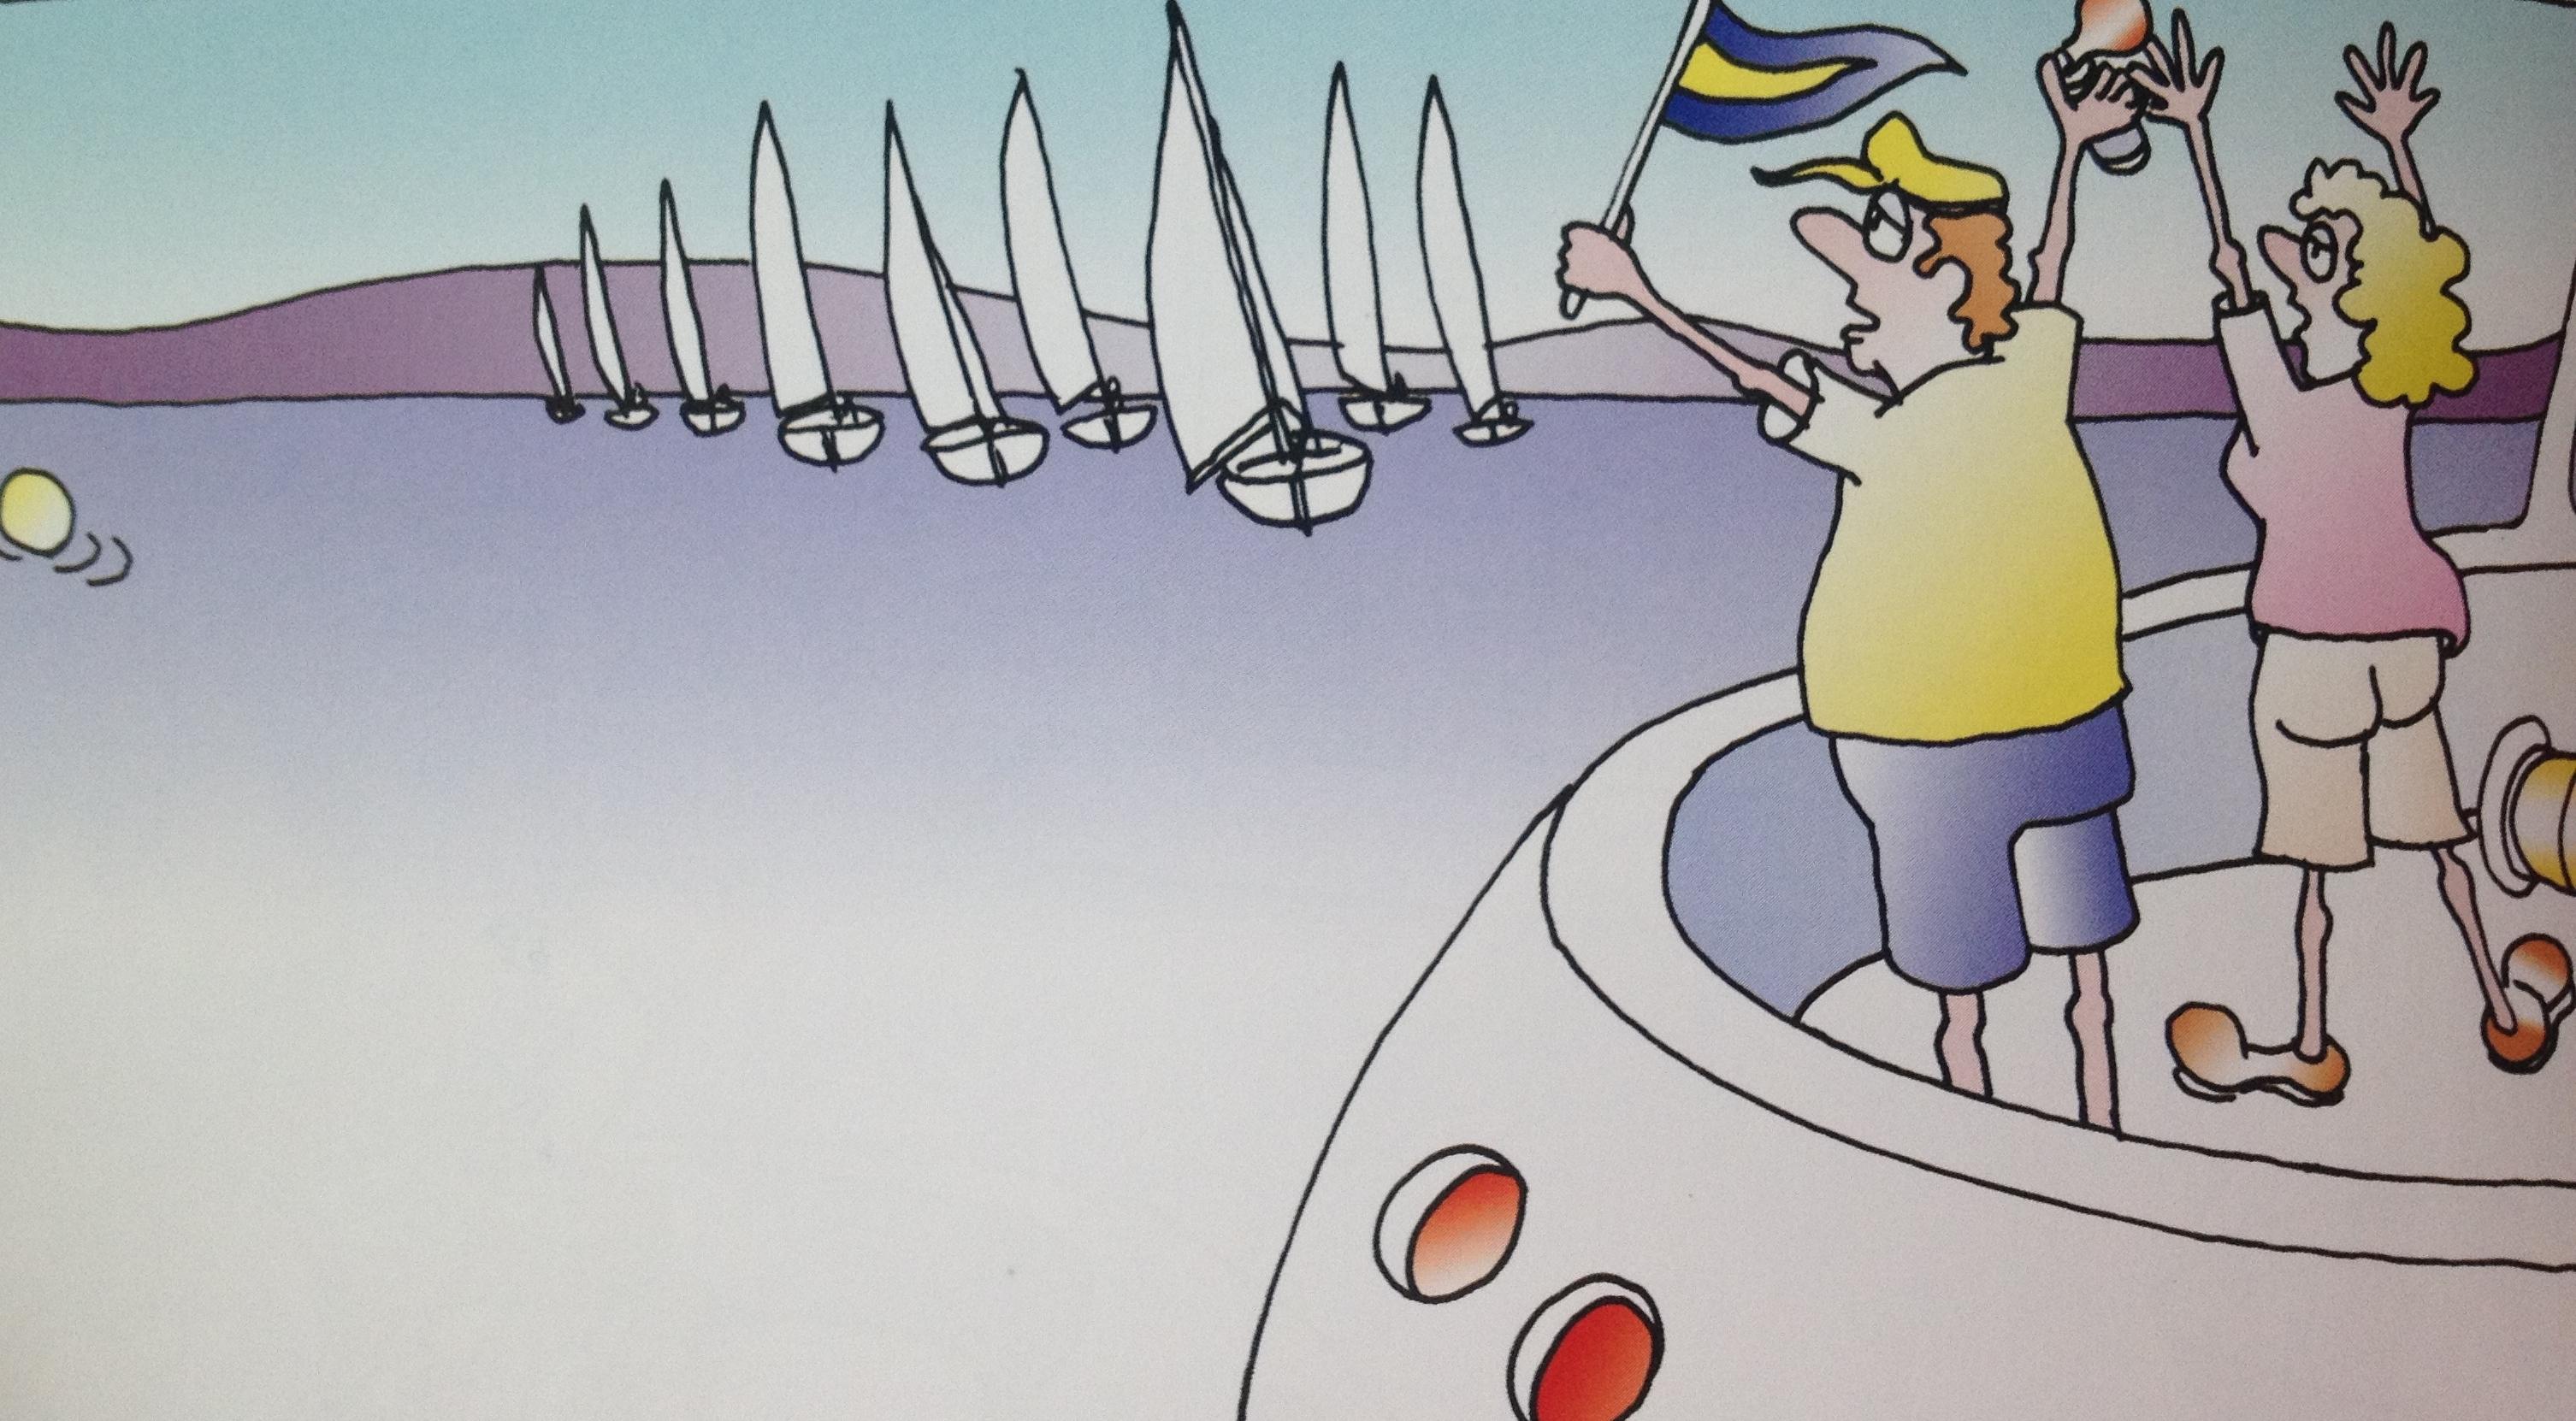 上风 P,I,U旗起航时,全部召回后抢航的船只免除惩罚并可继续参加竞赛. 72a全召.jpg